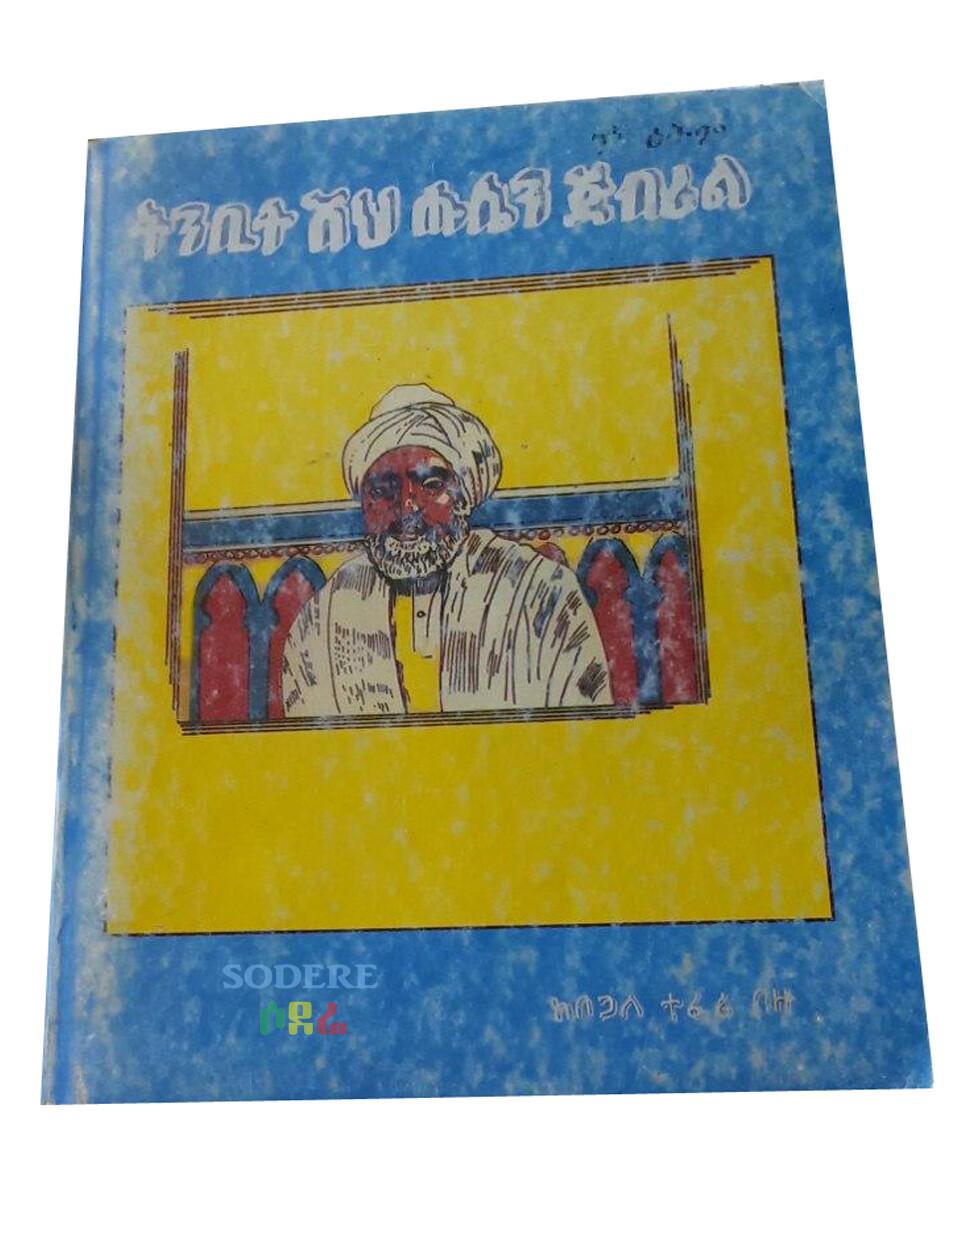 ትንቢተ ሼህ ሁሴን ጅብሪል The Prophesy of Shea Hussen Jibril  By Bogale Teferi